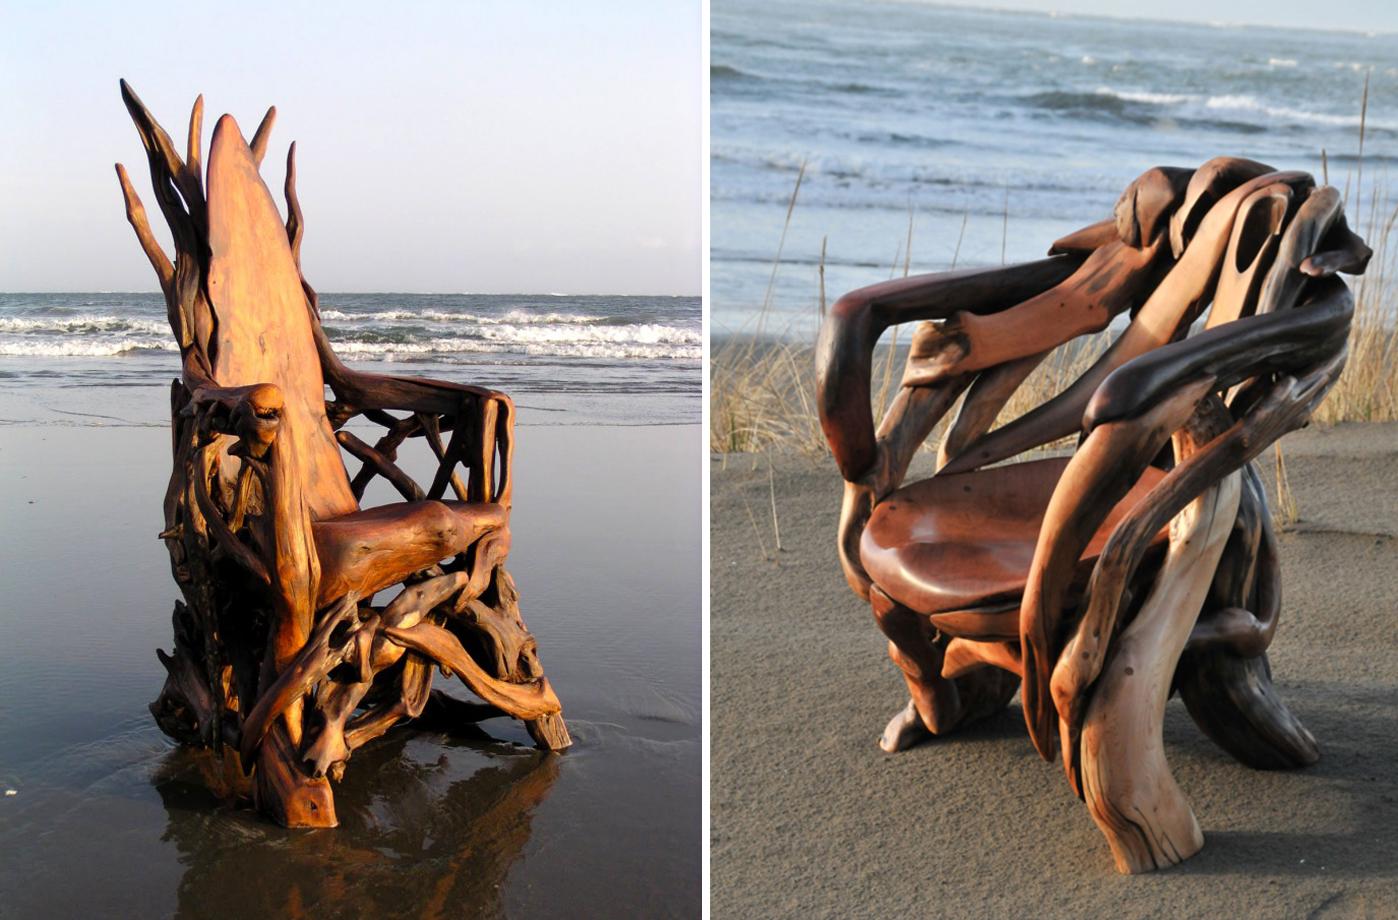 ya37 - Скульптуры из коряг, созданные Джефро Уиттом